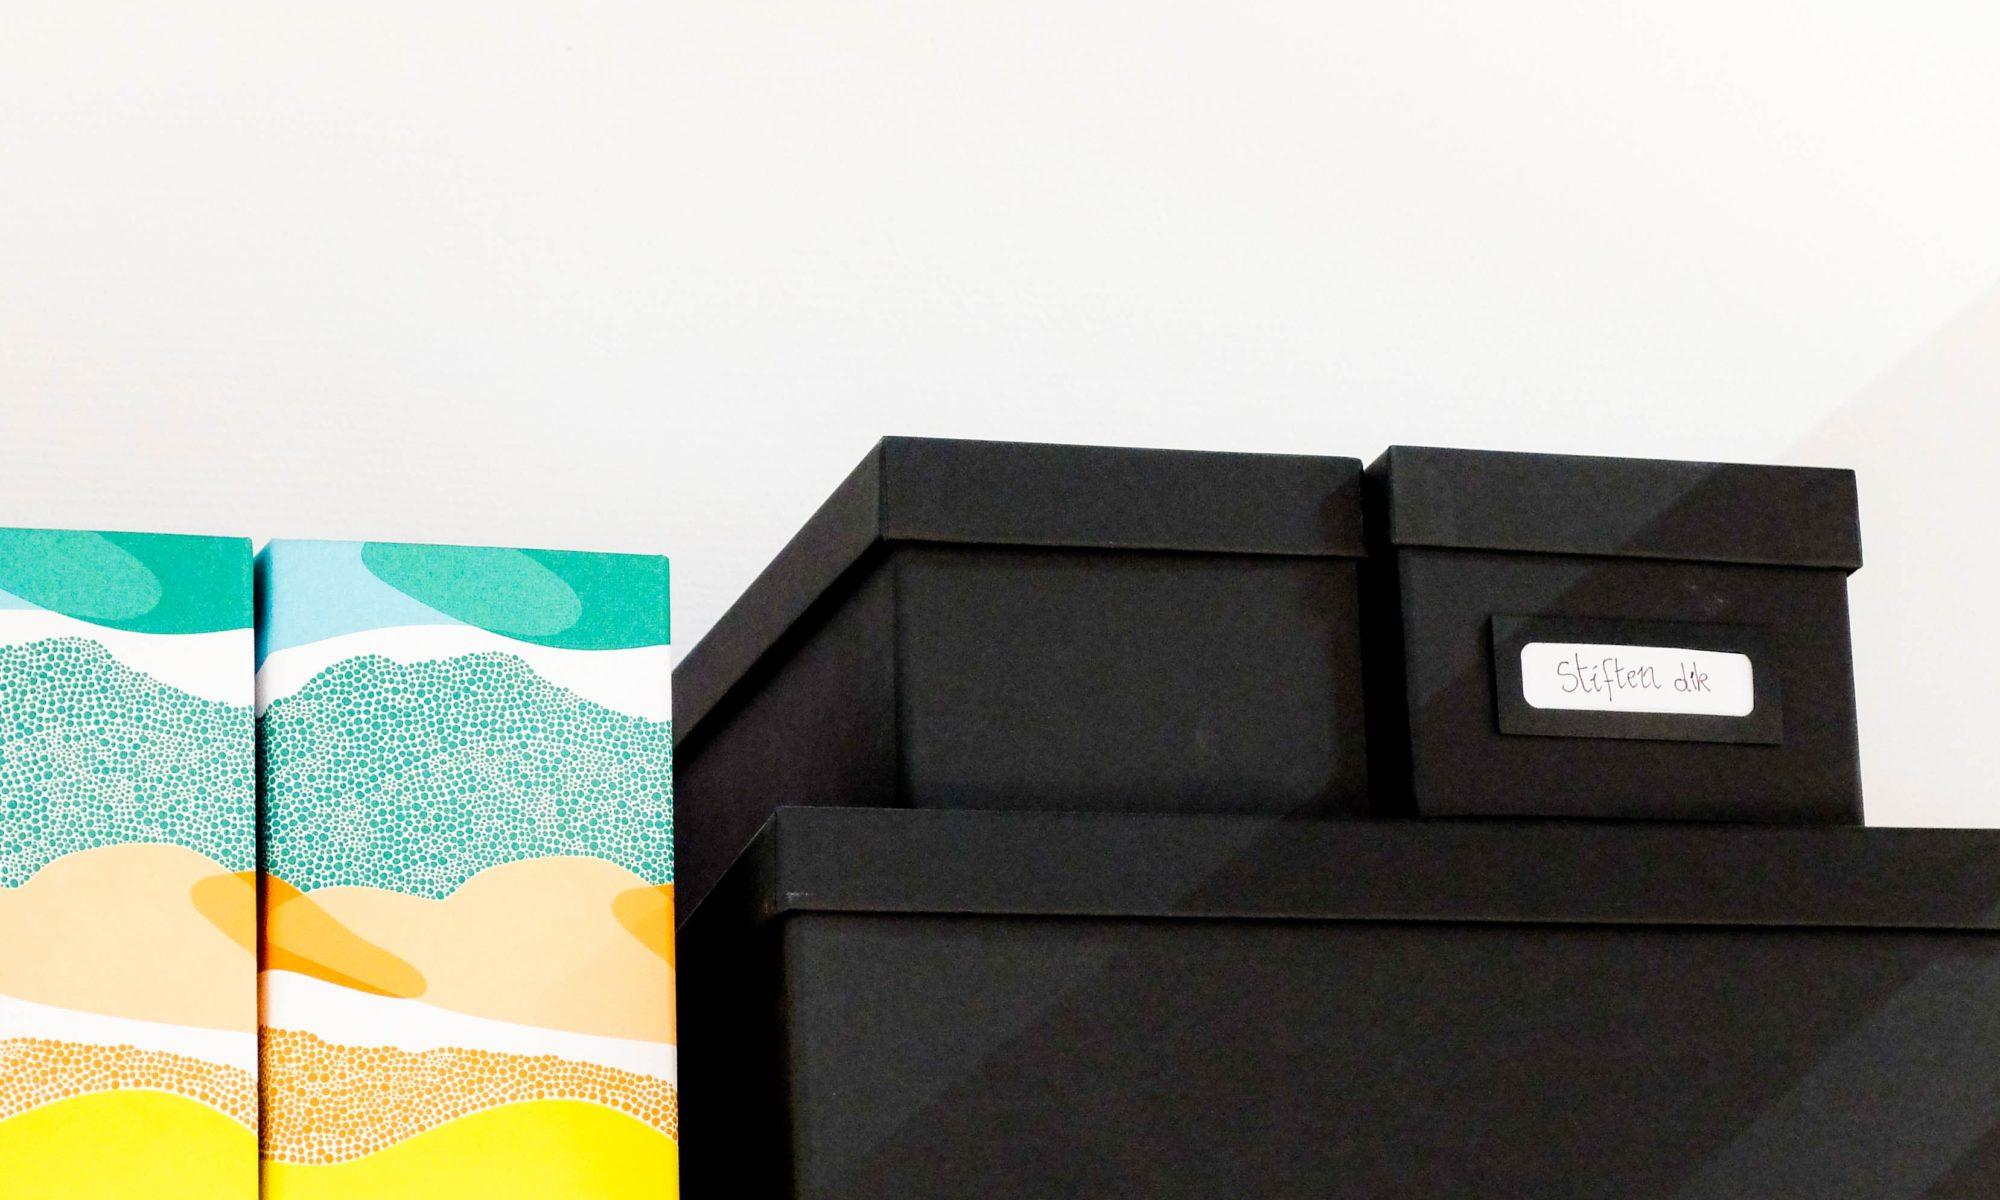 black-box-box-boxes-220685